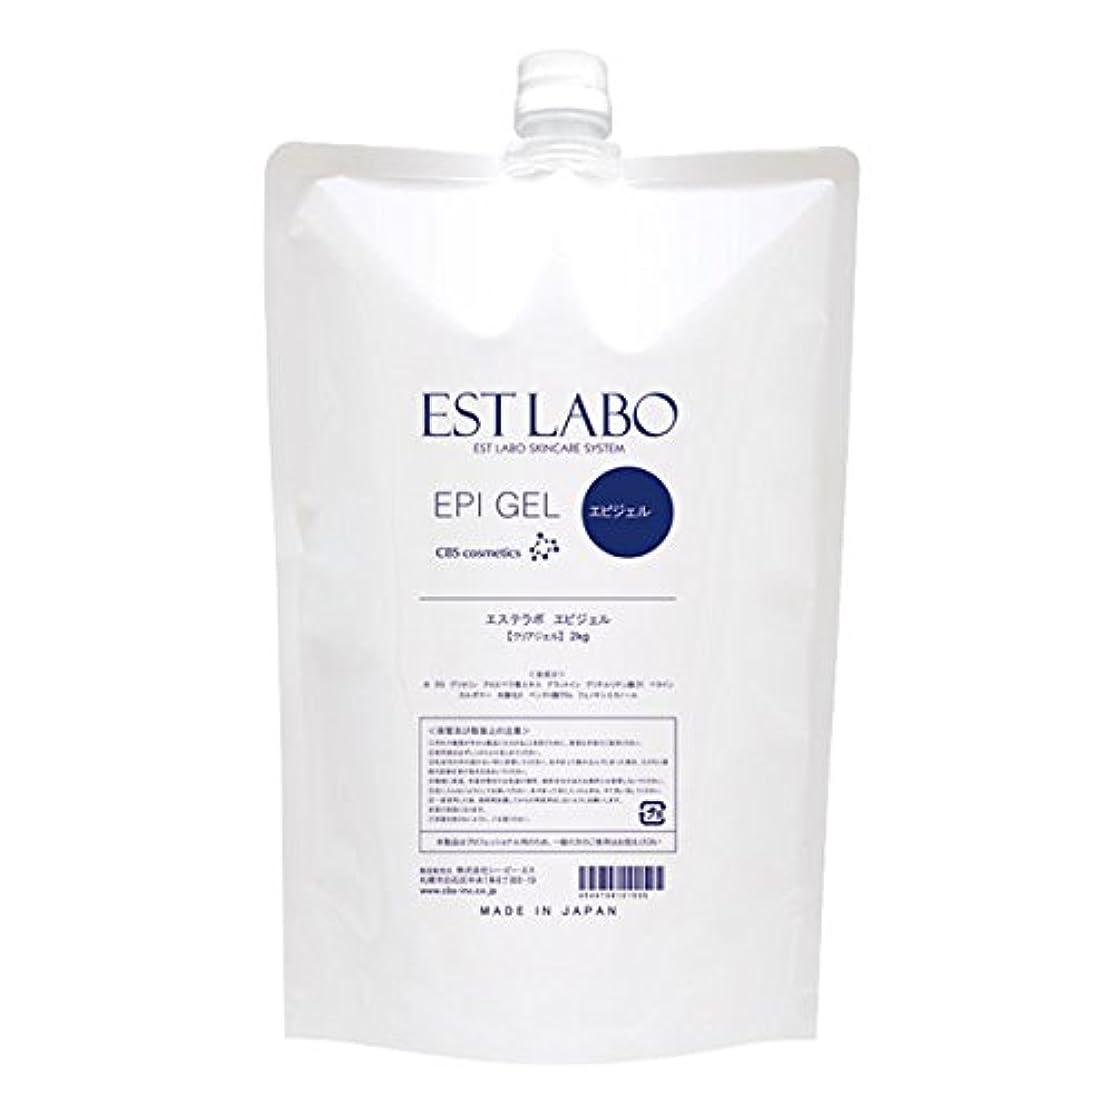 バンドル敬なルート脱毛 EST LABO エピジェル(1袋?2kg)×2 合計2袋?4kg 業務用